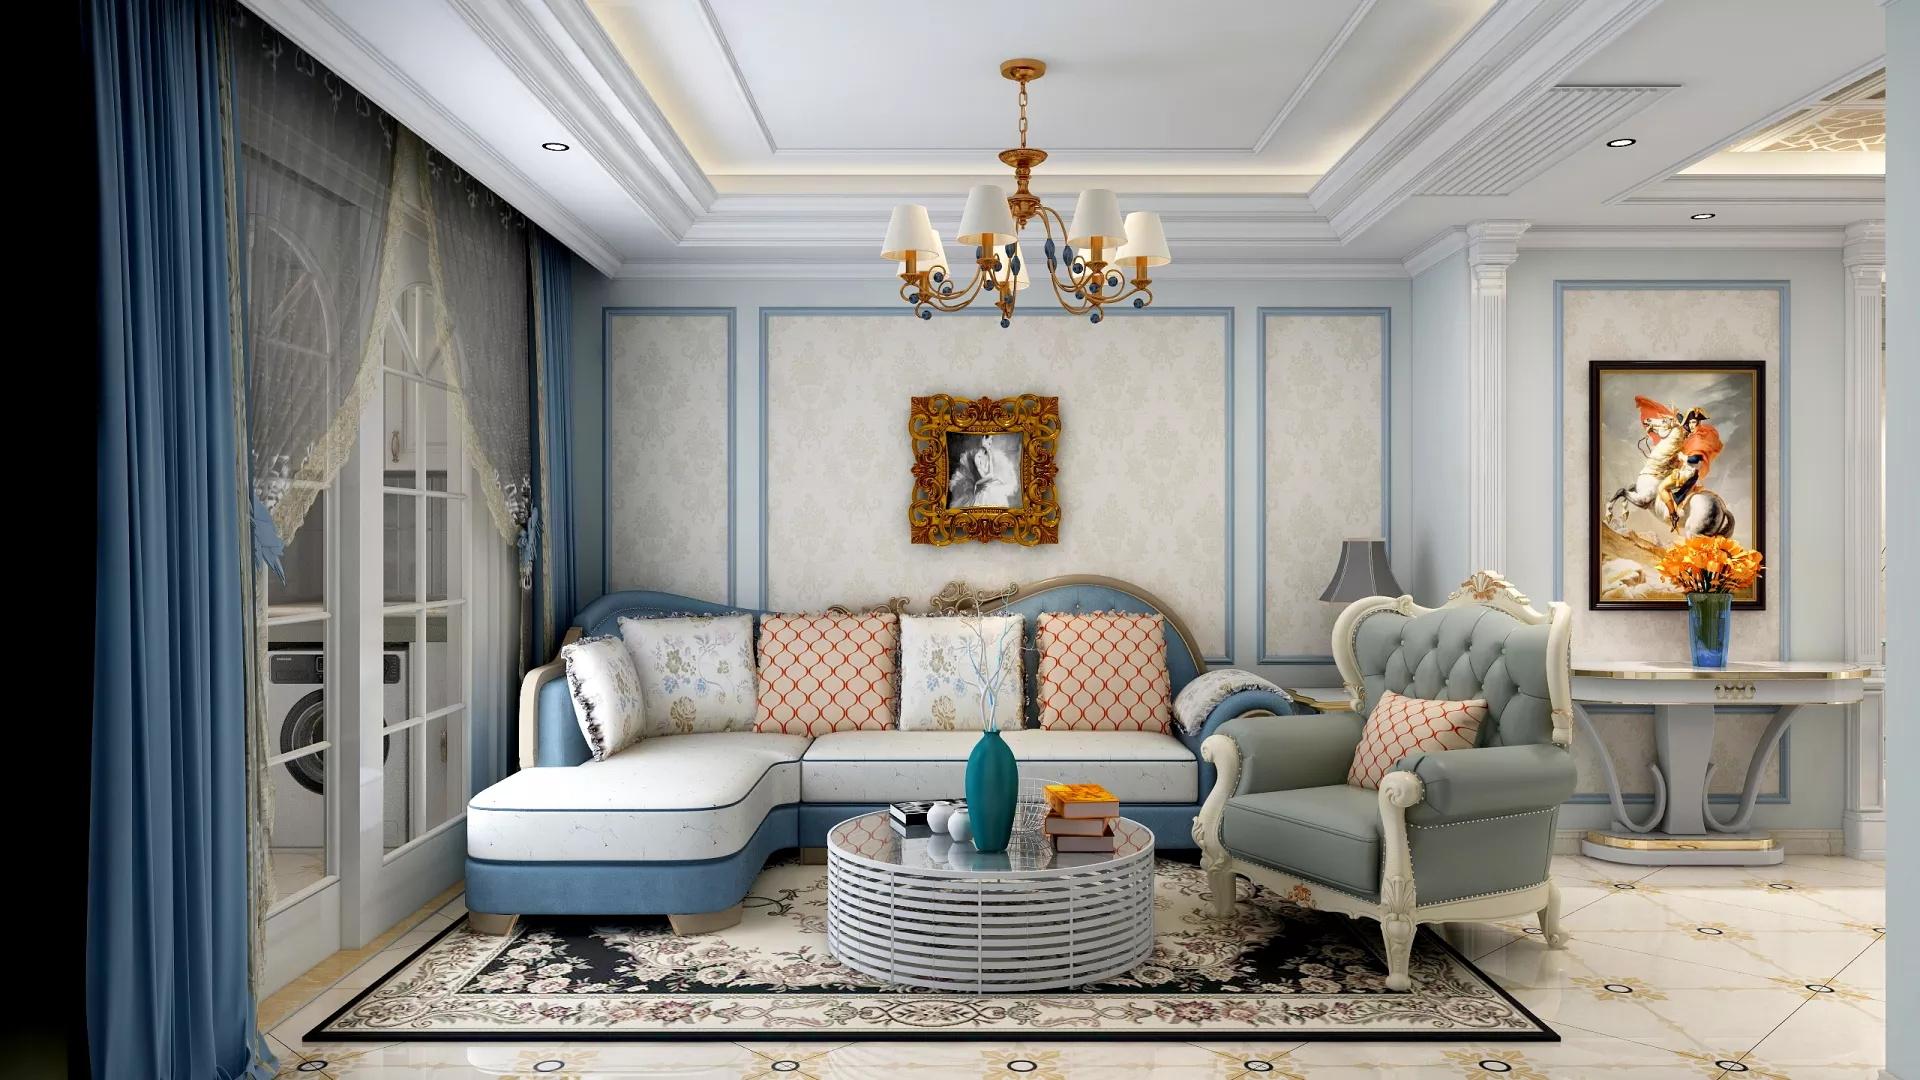 沙发背景墙效果图 客厅沙发背景墙装修设计图片